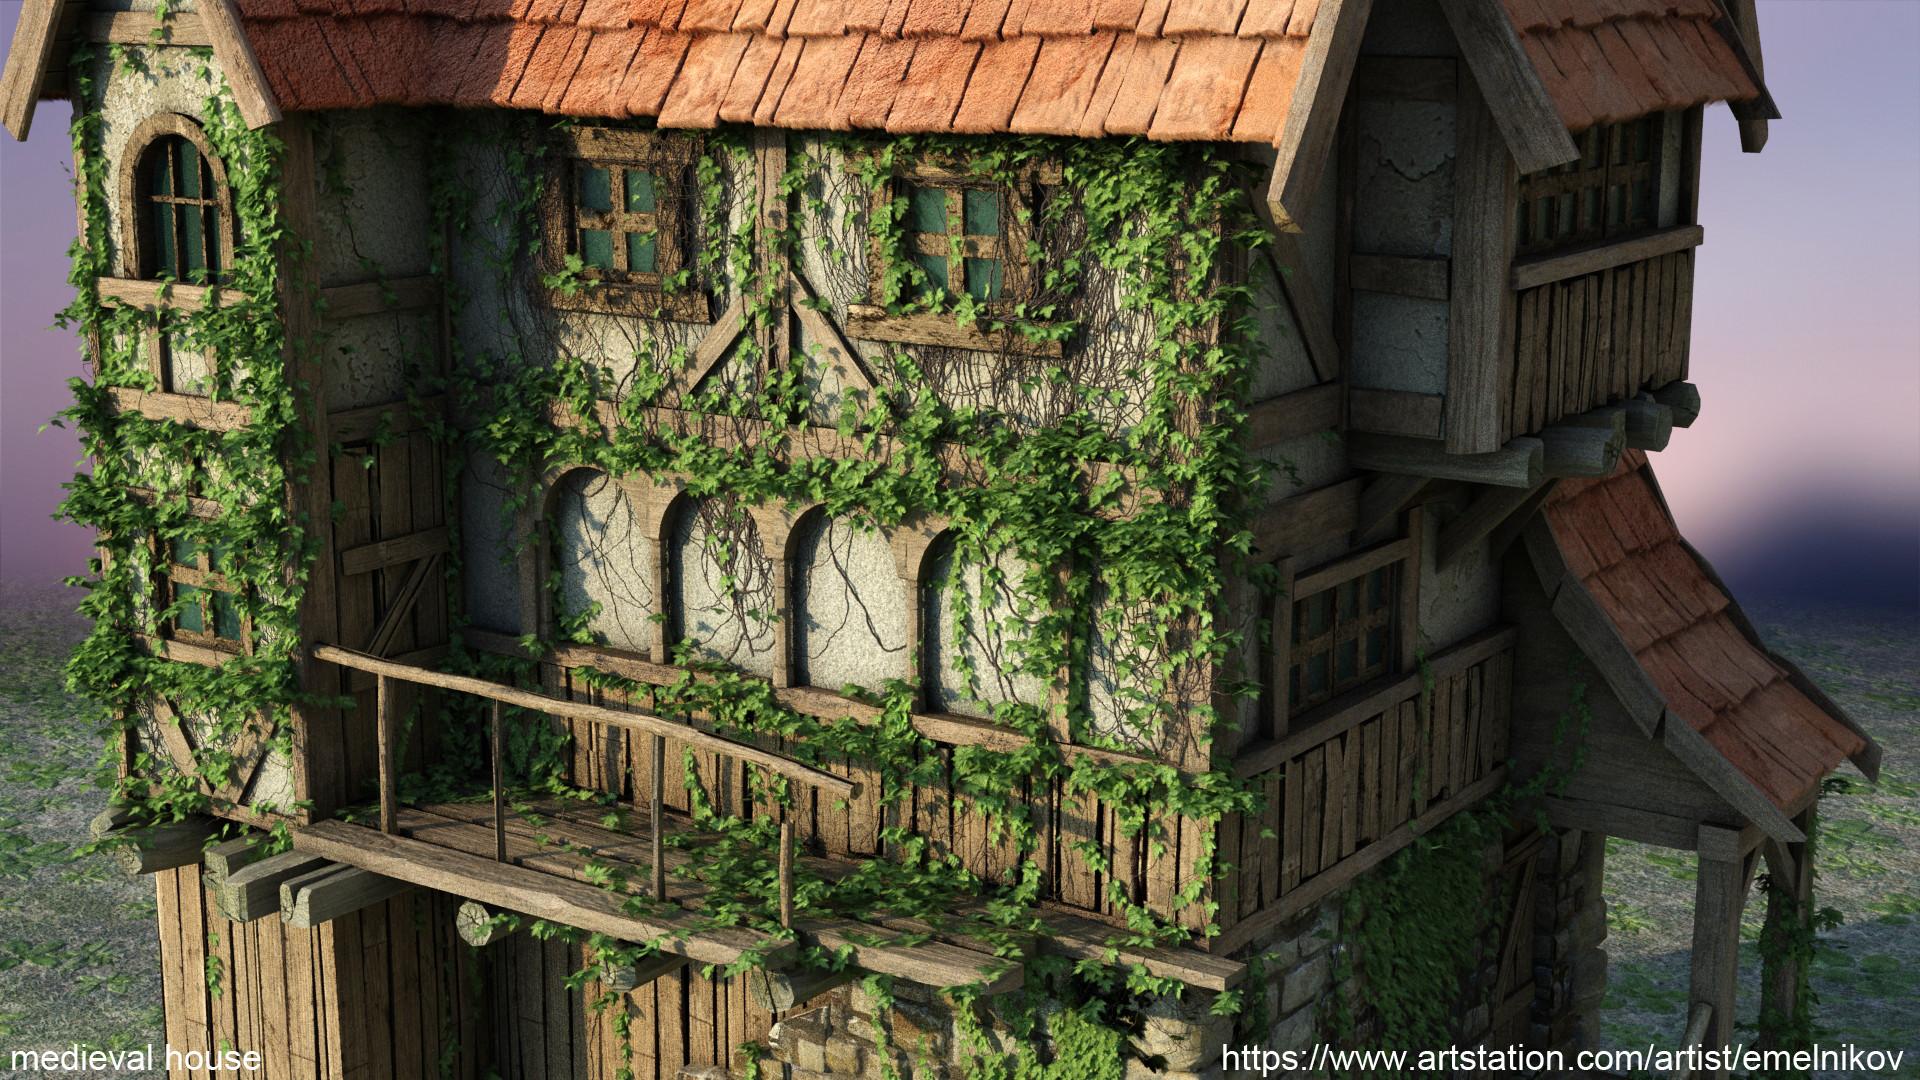 Eugene melnikov medieval house1 render frm14